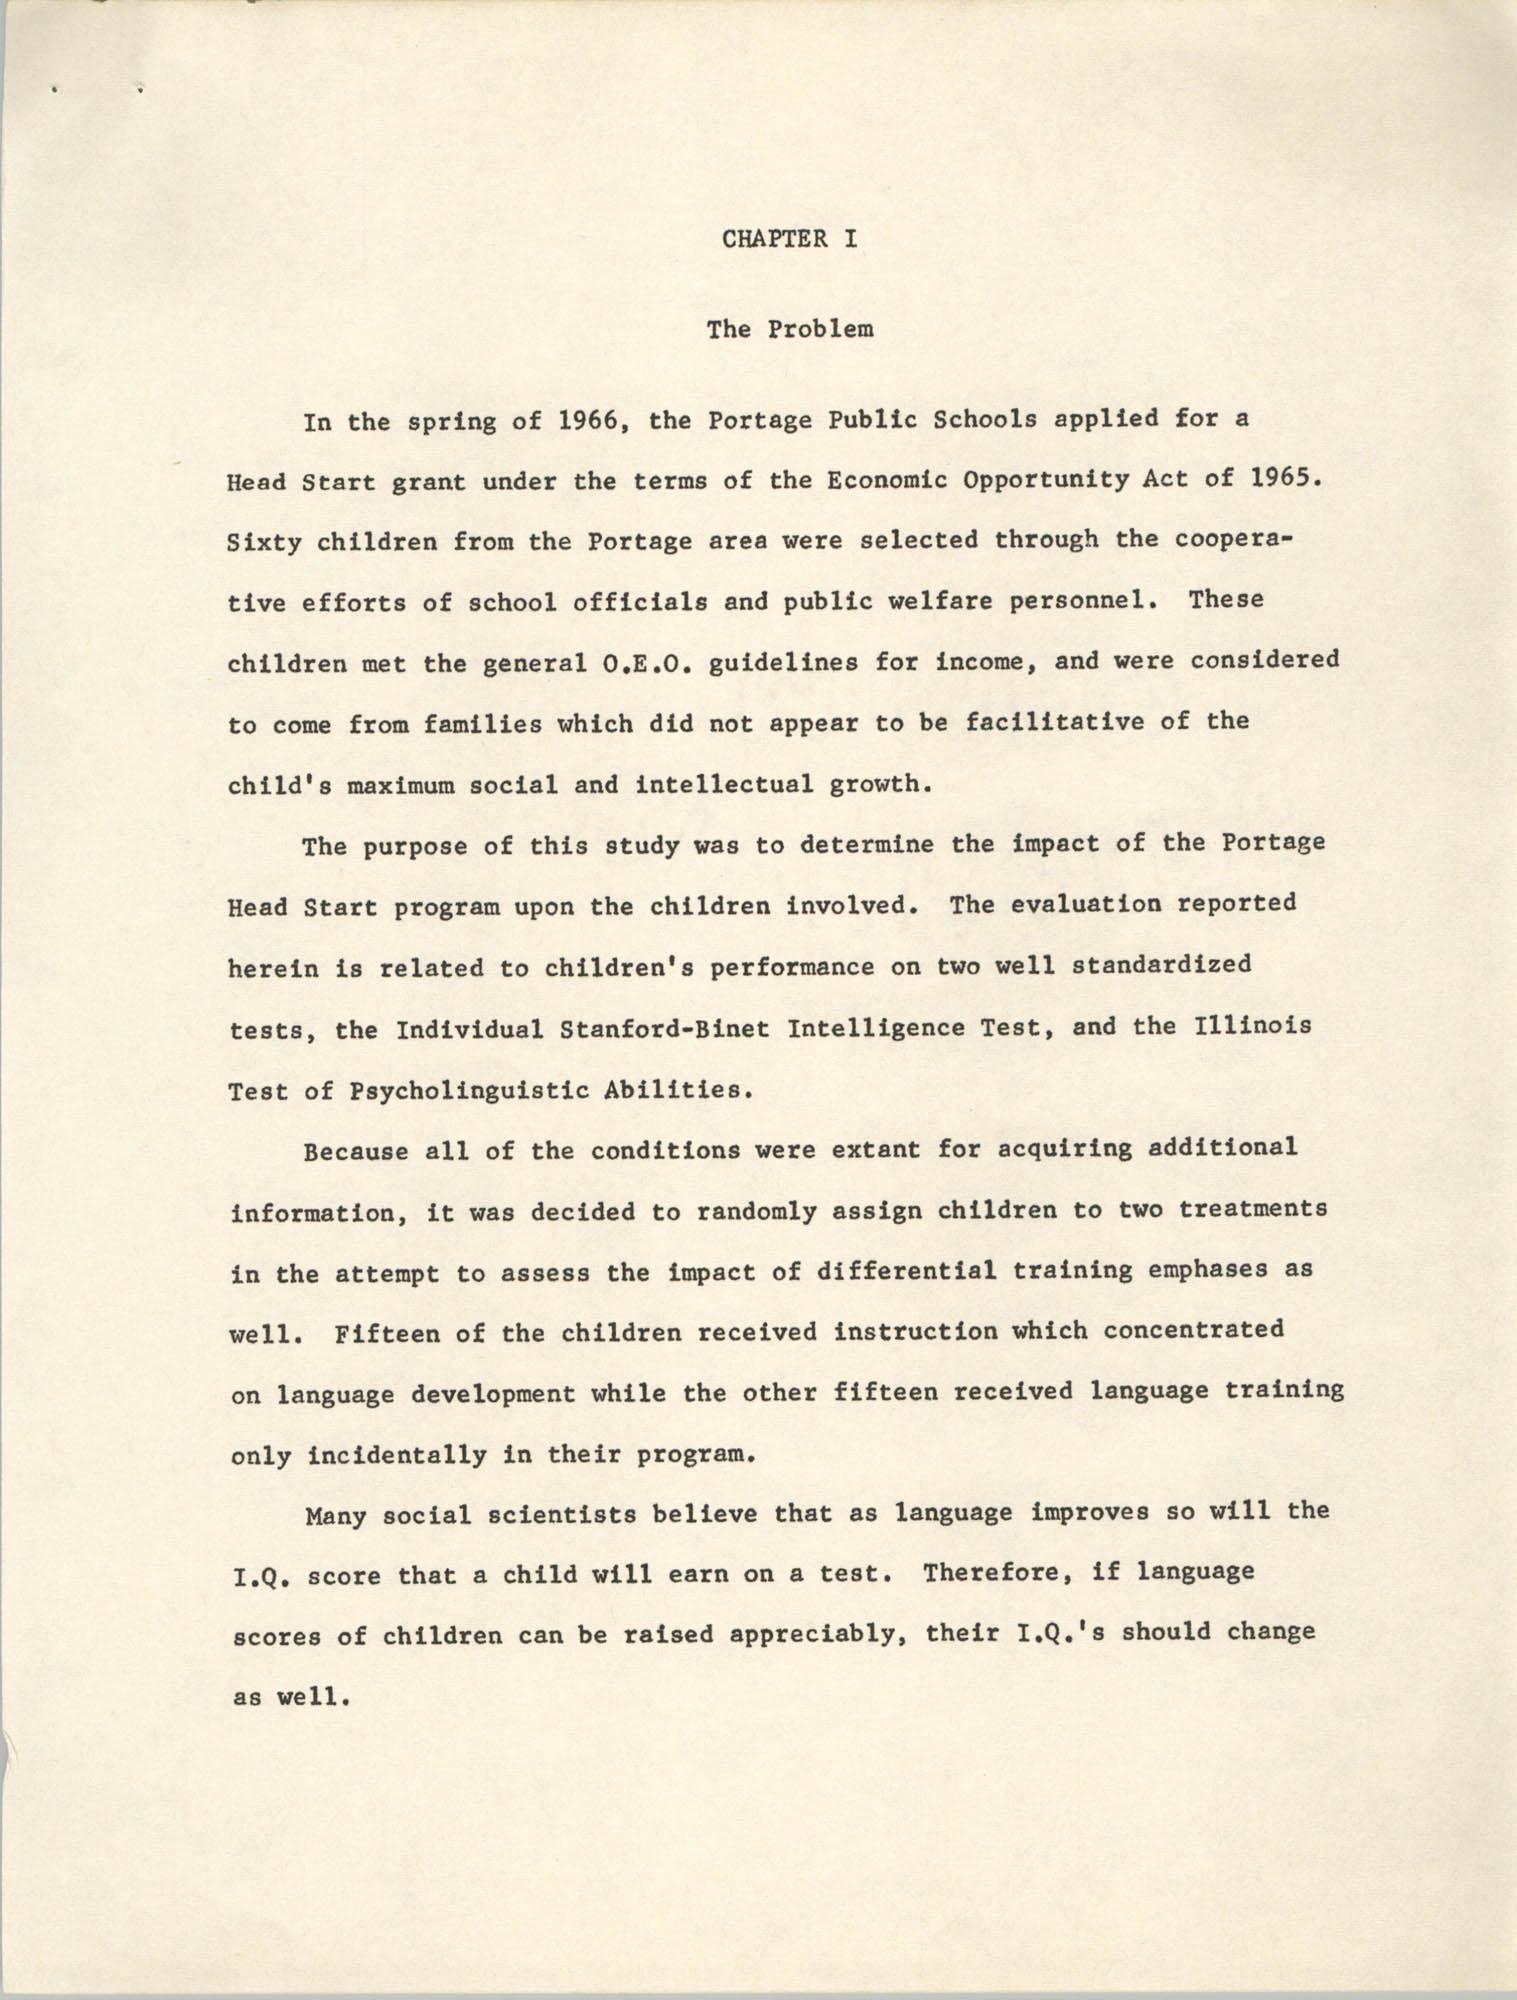 Head Start: Summer 1966, Page 1